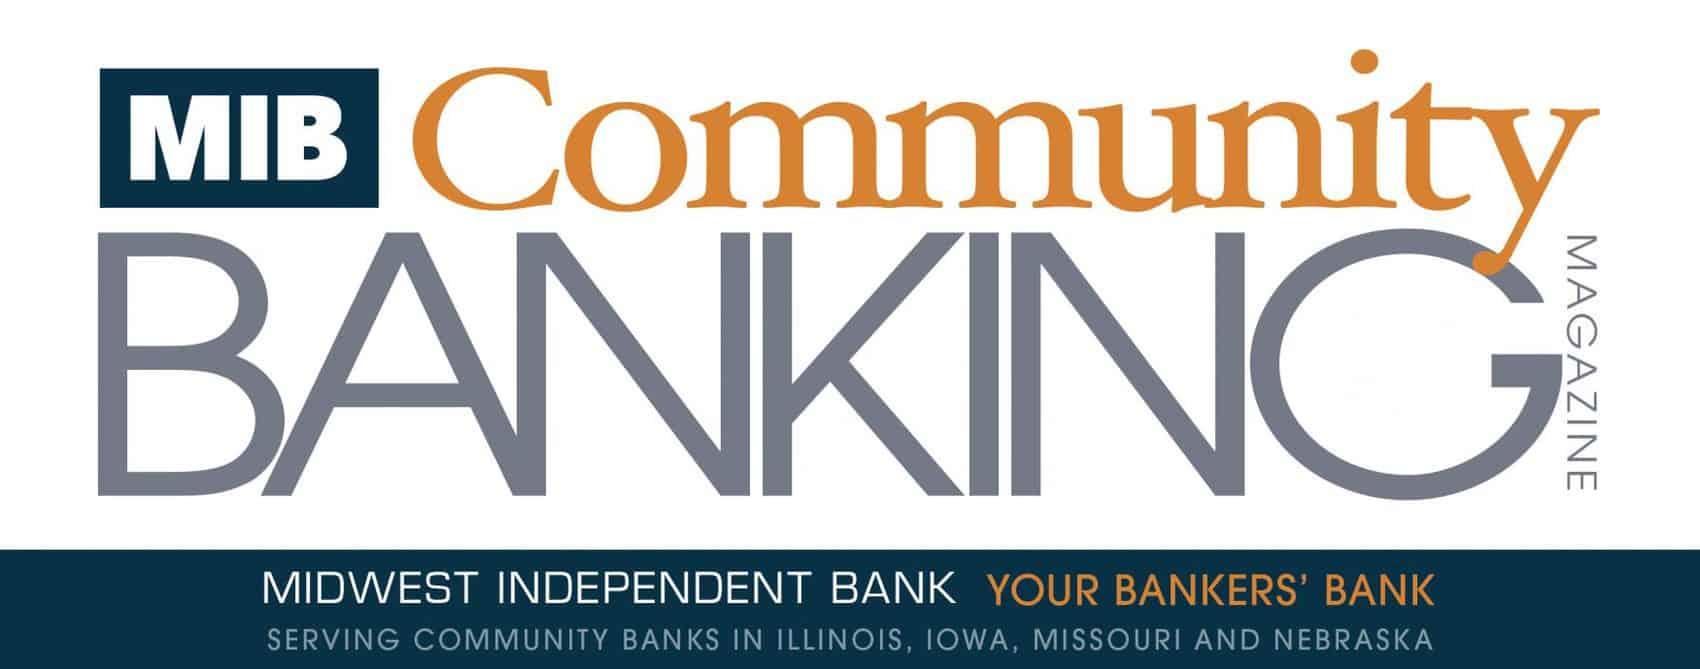 Community Banking Magazine